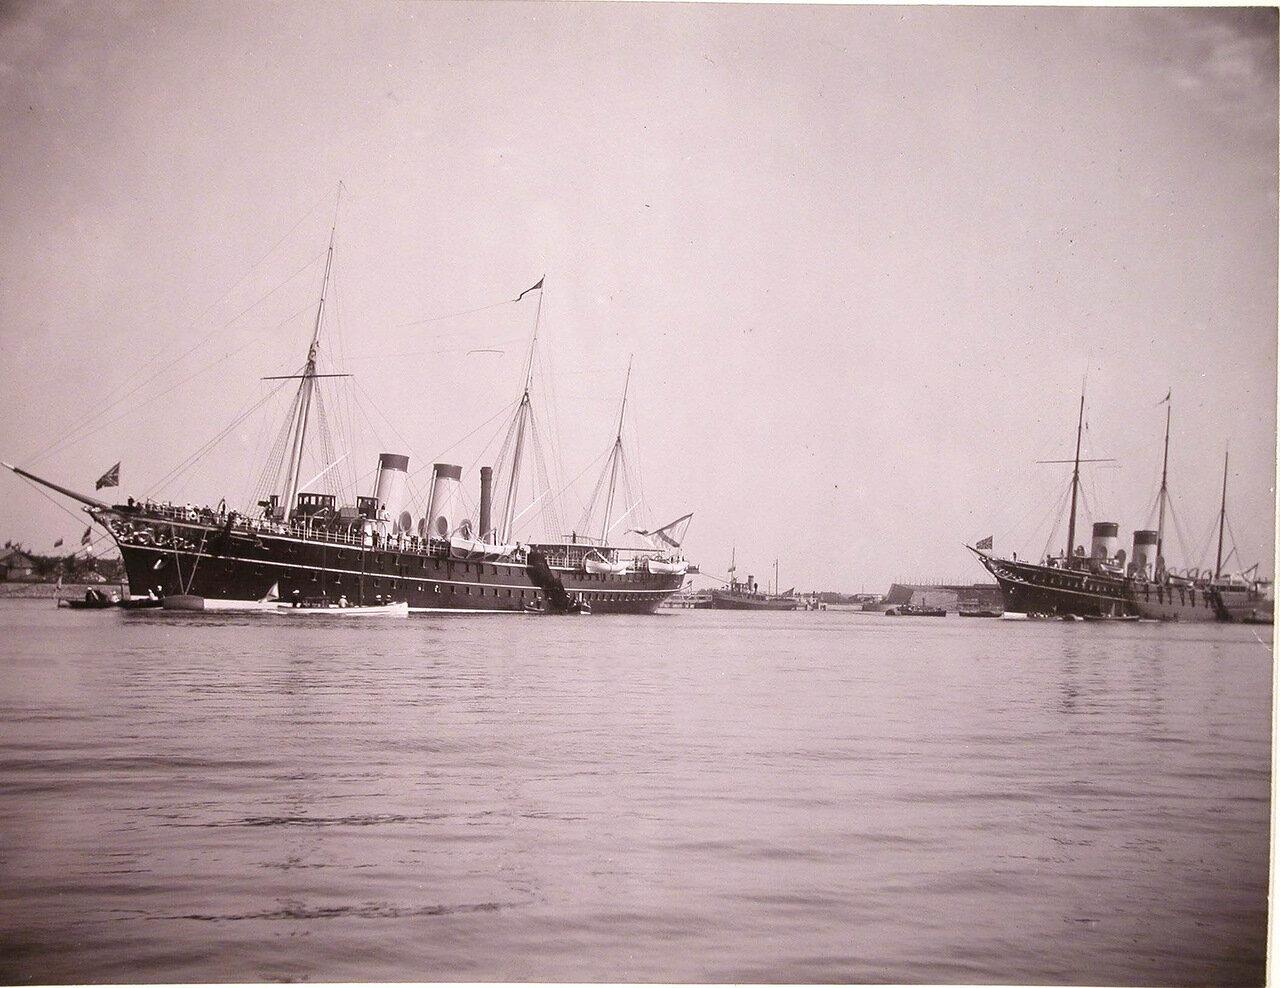 Императорские яхты «Штандарт» и «Полярная звезда» в портовом бассейне